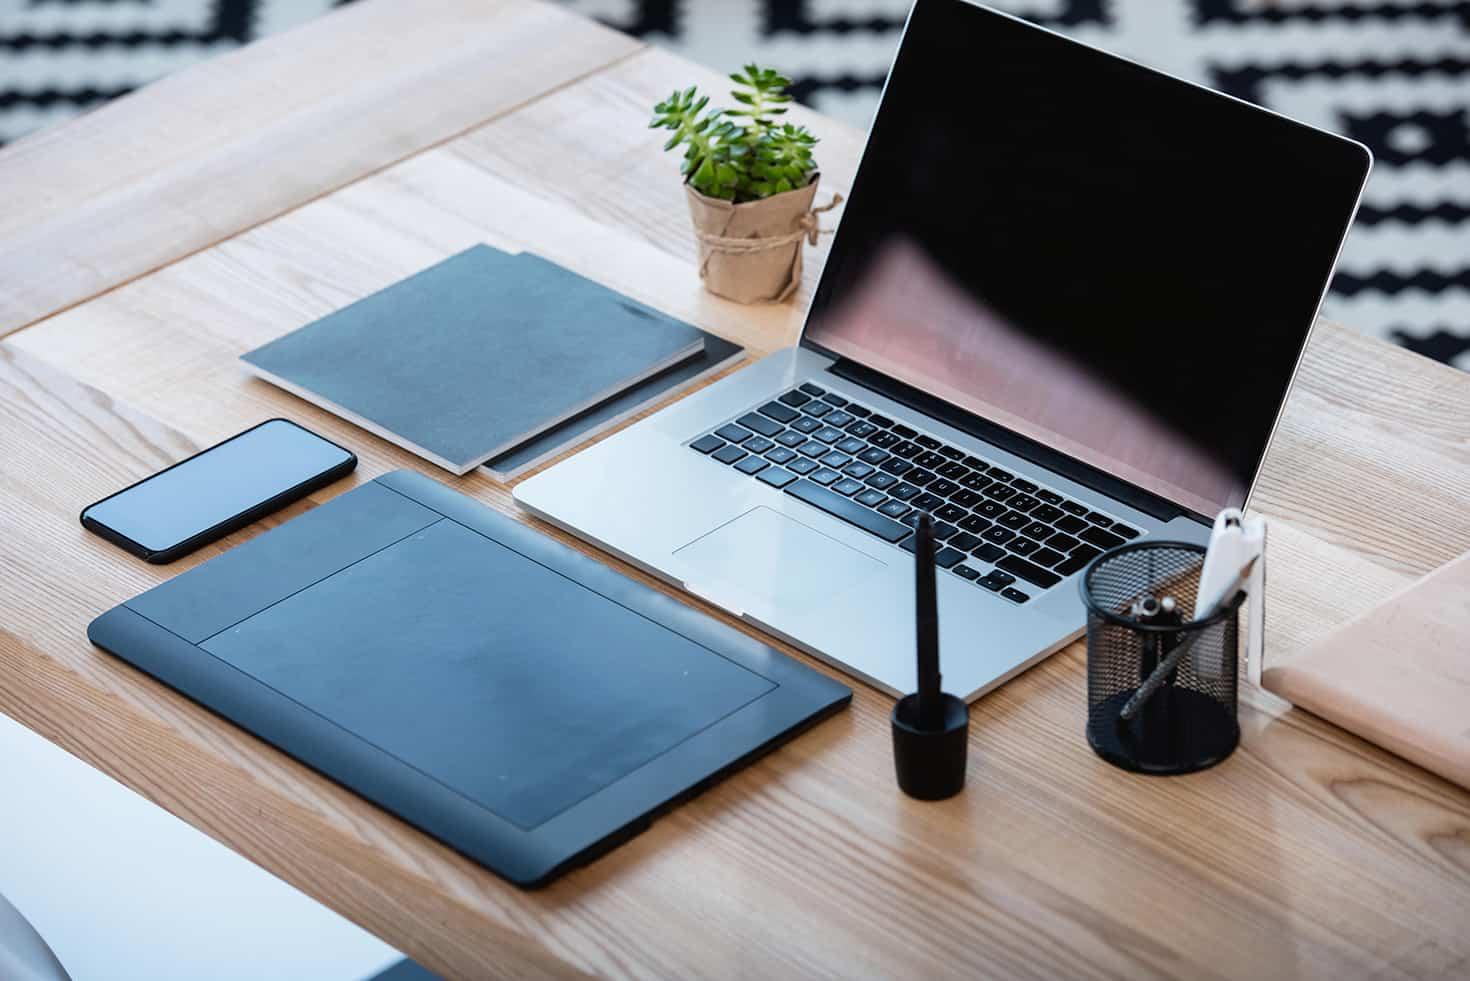 Come Organizzare La Propria Scrivania come disporre e posizionare la scrivania in ufficio per